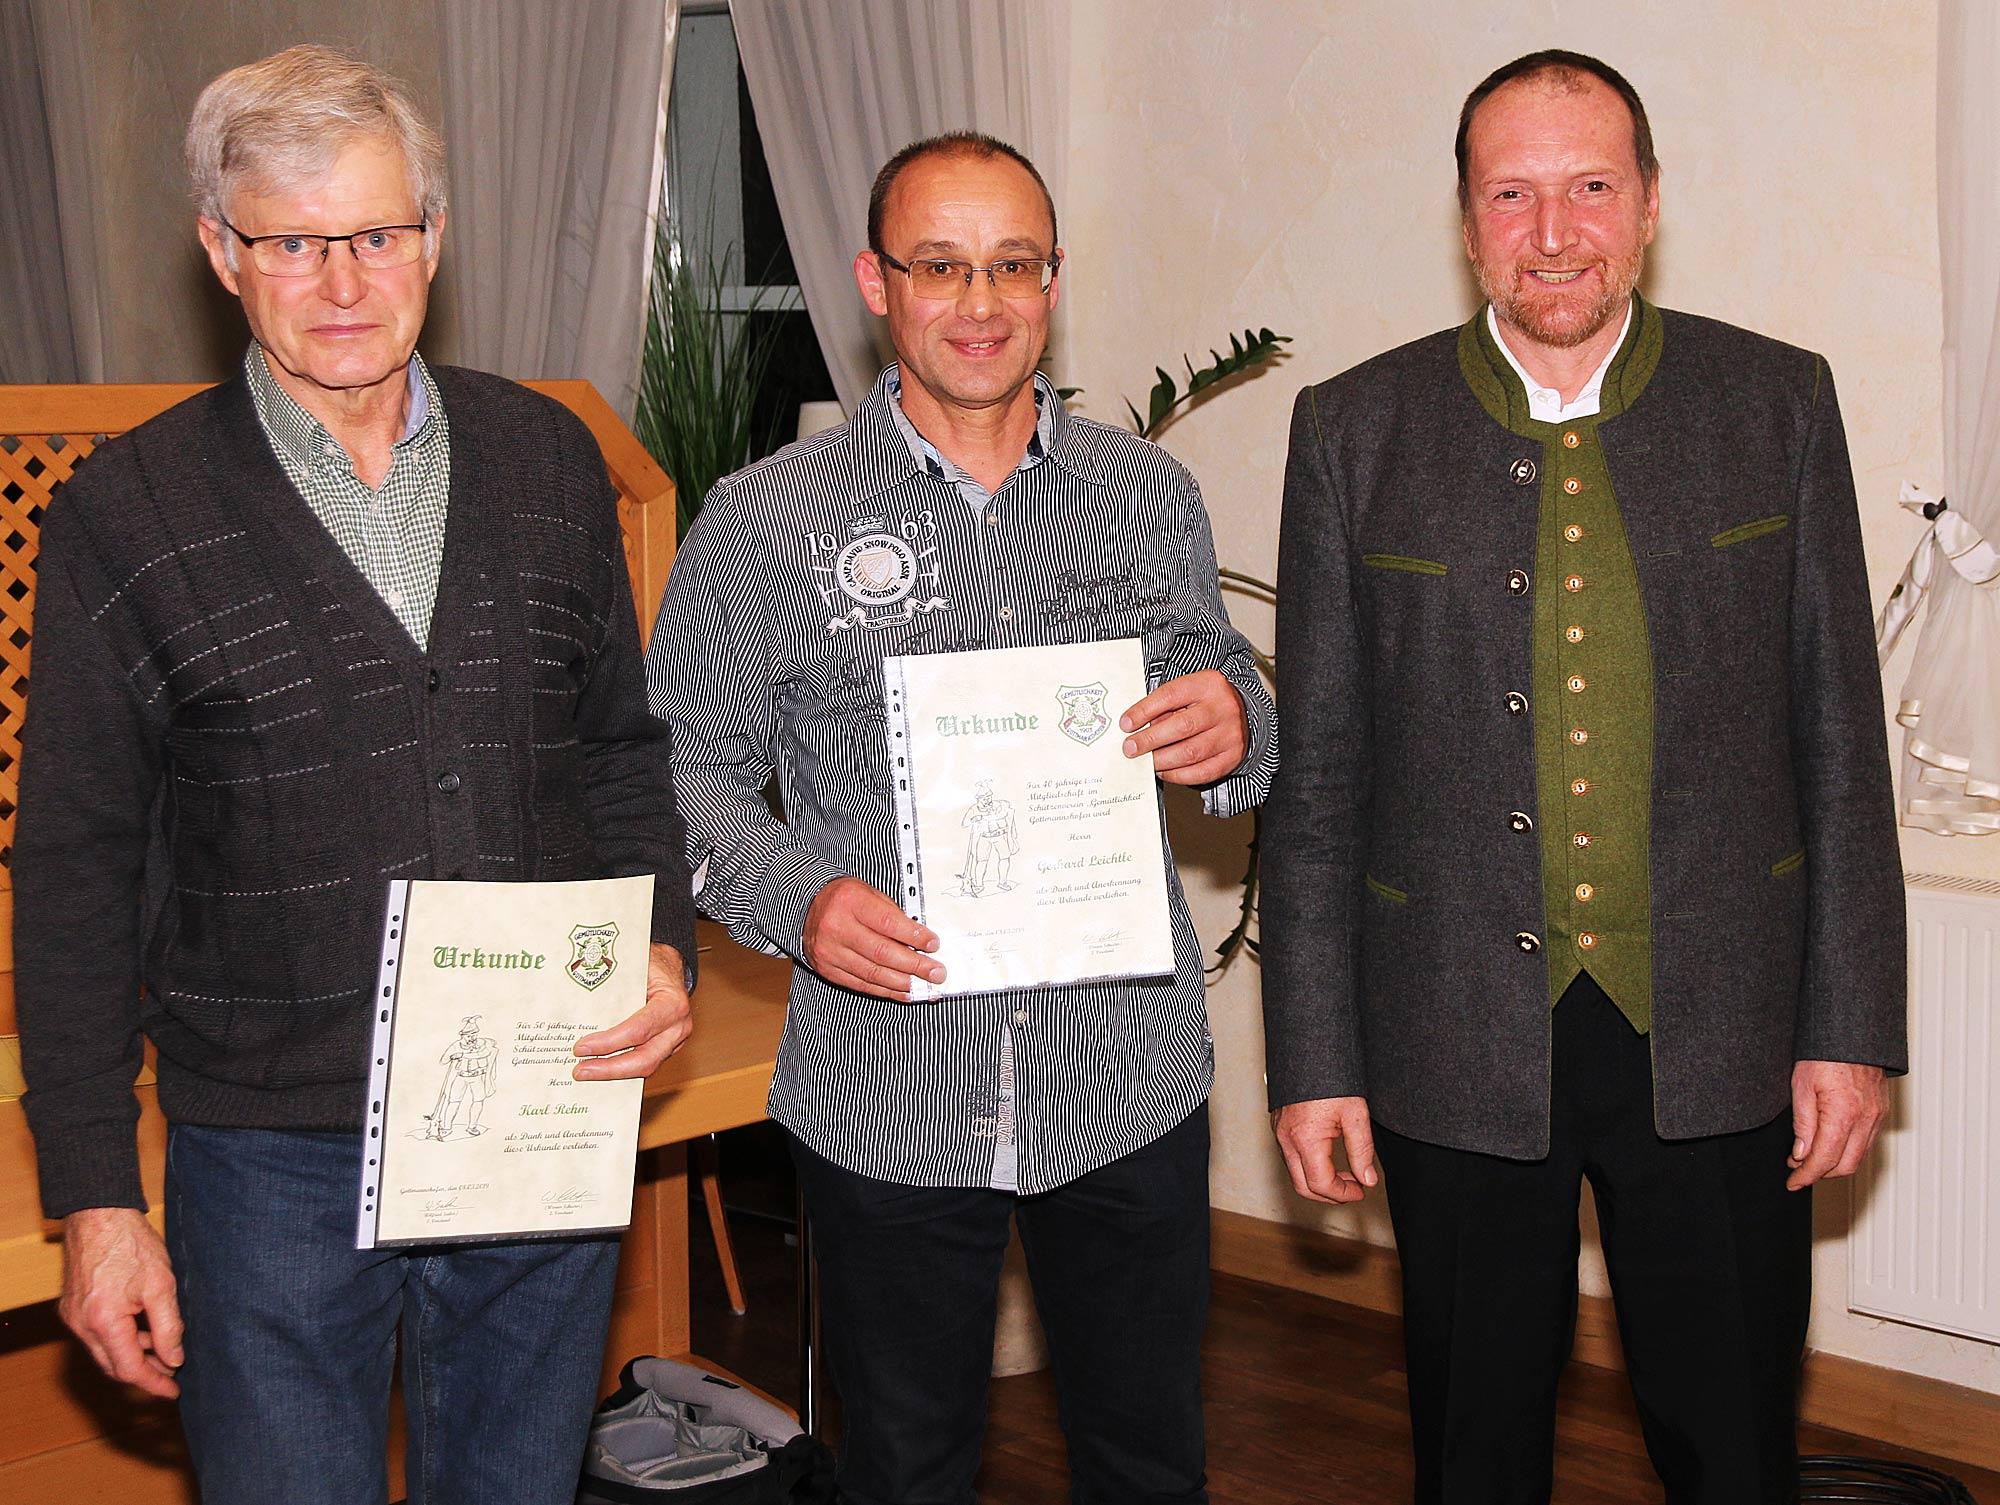 Jahresversammlung der Schützen - Ehrung langjähriger Mitglieder